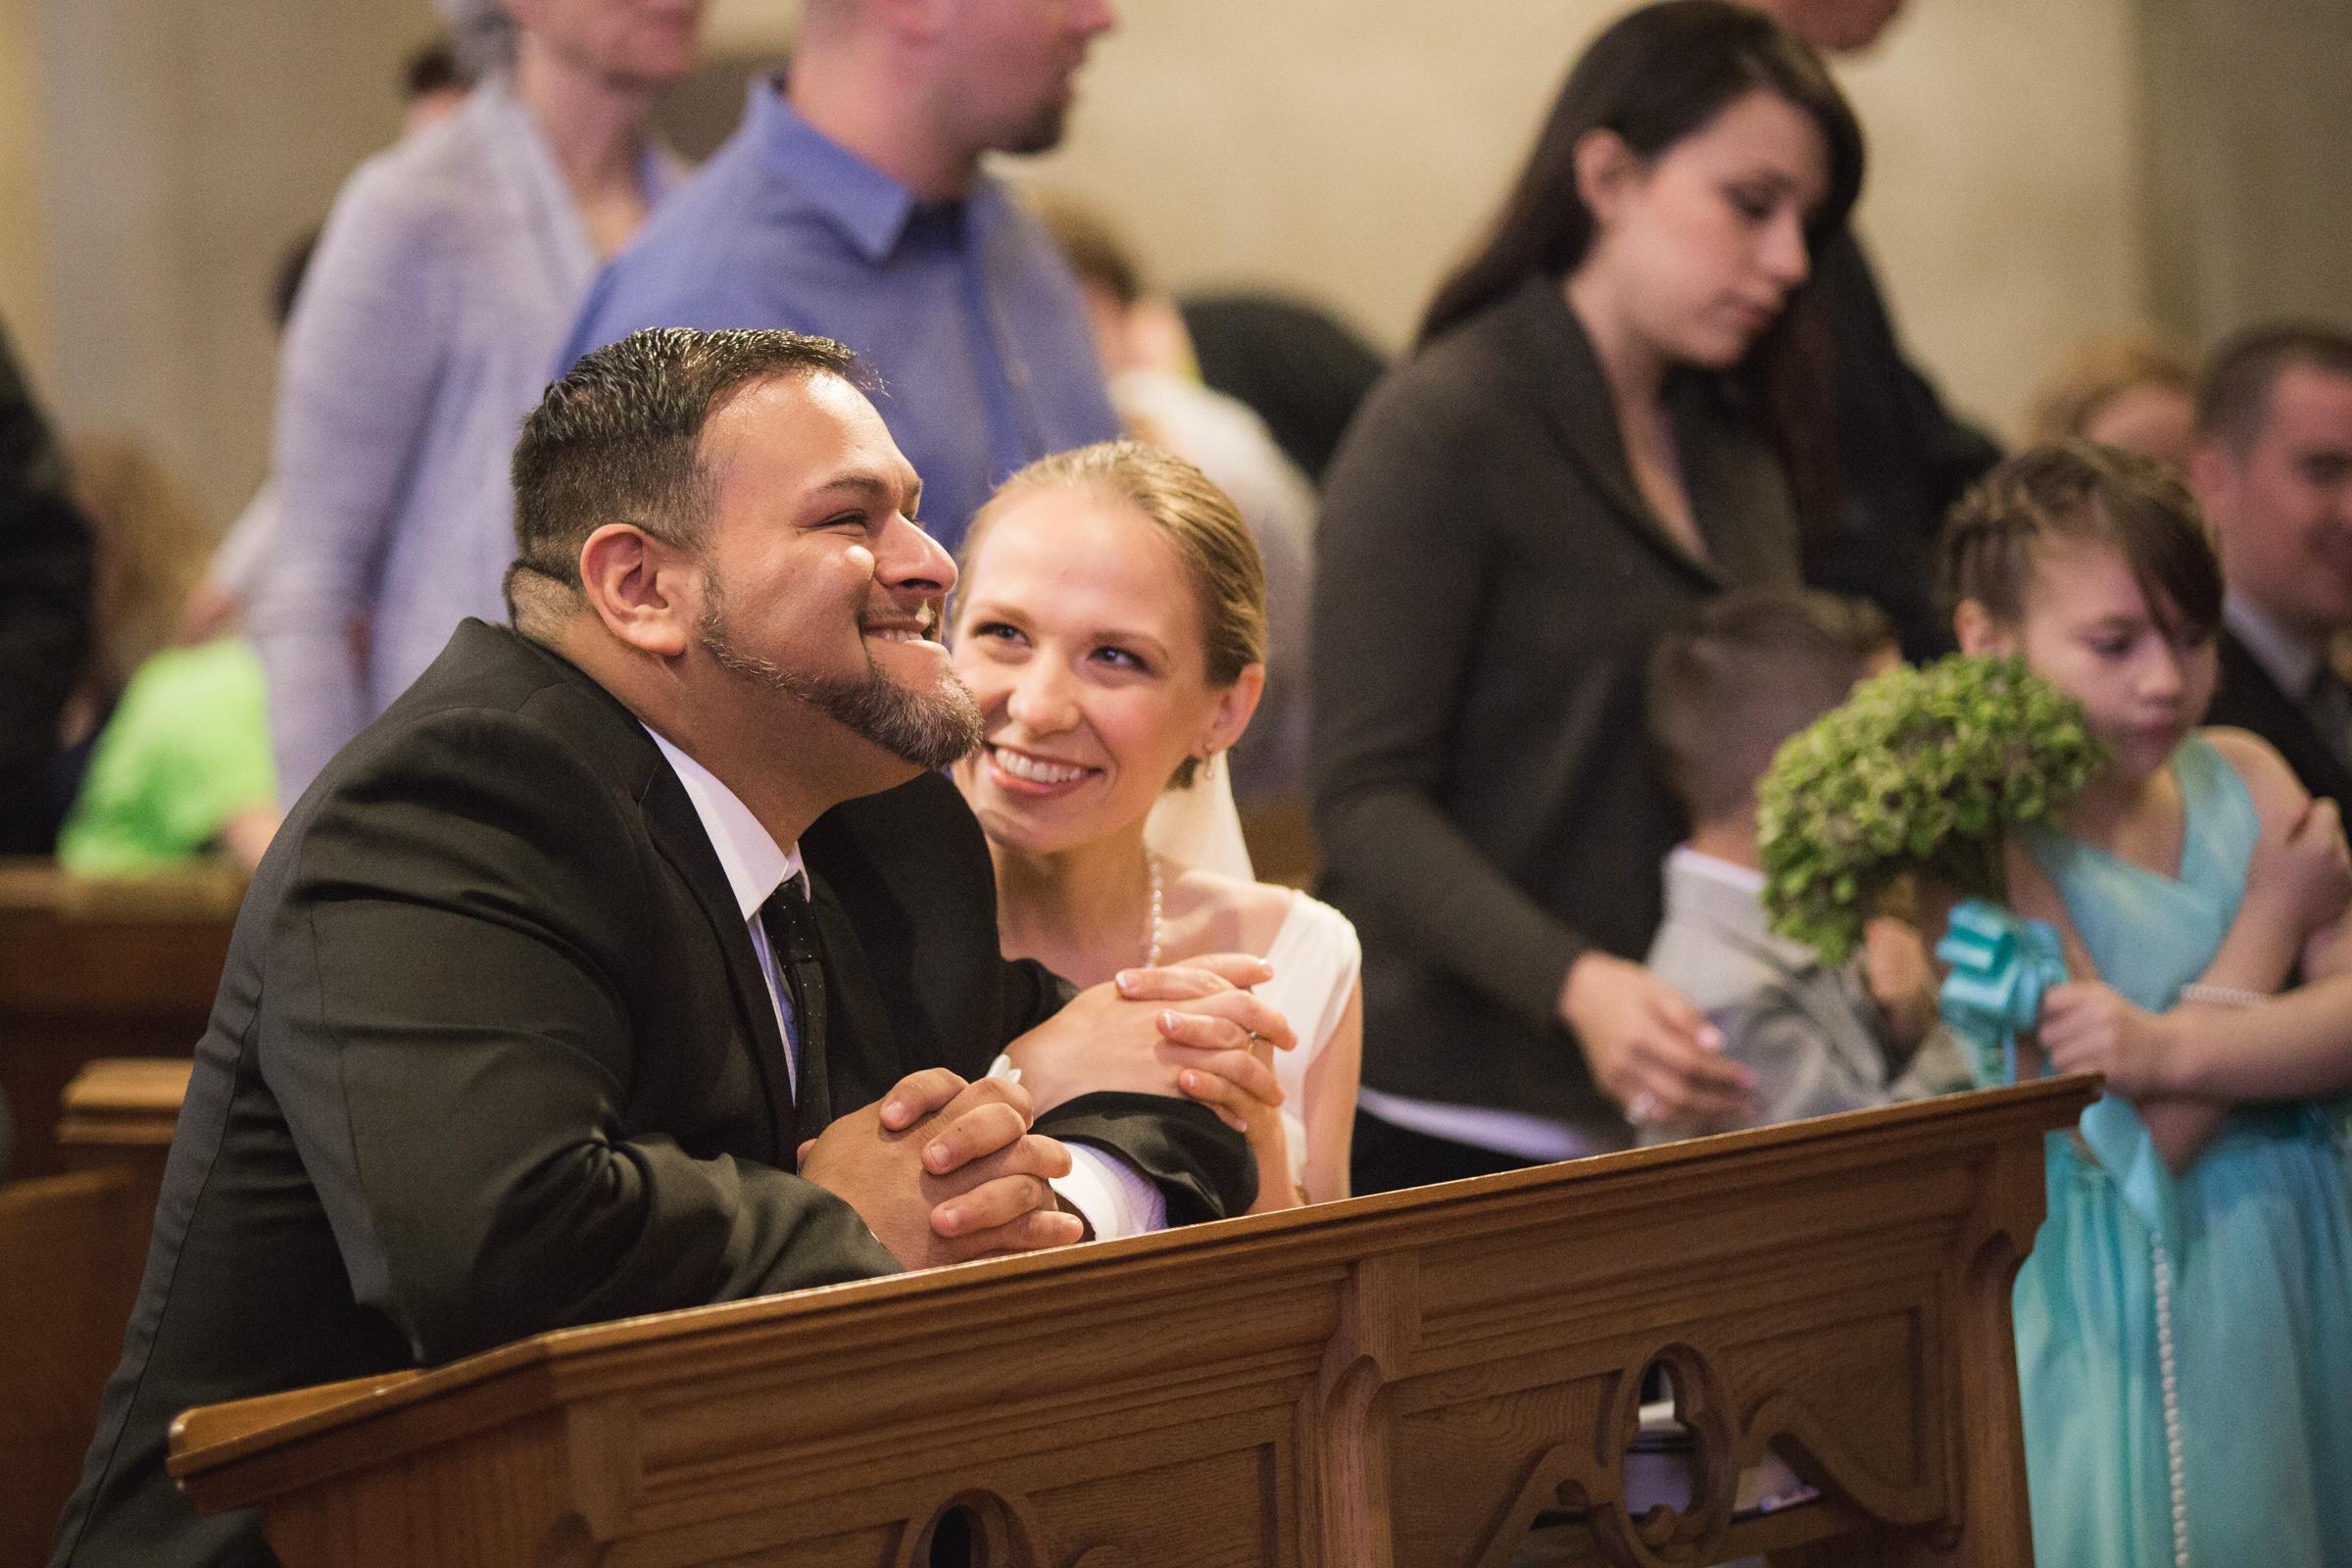 DannyandHazelruth-SanDiego-Wedding-013016-0251.jpg